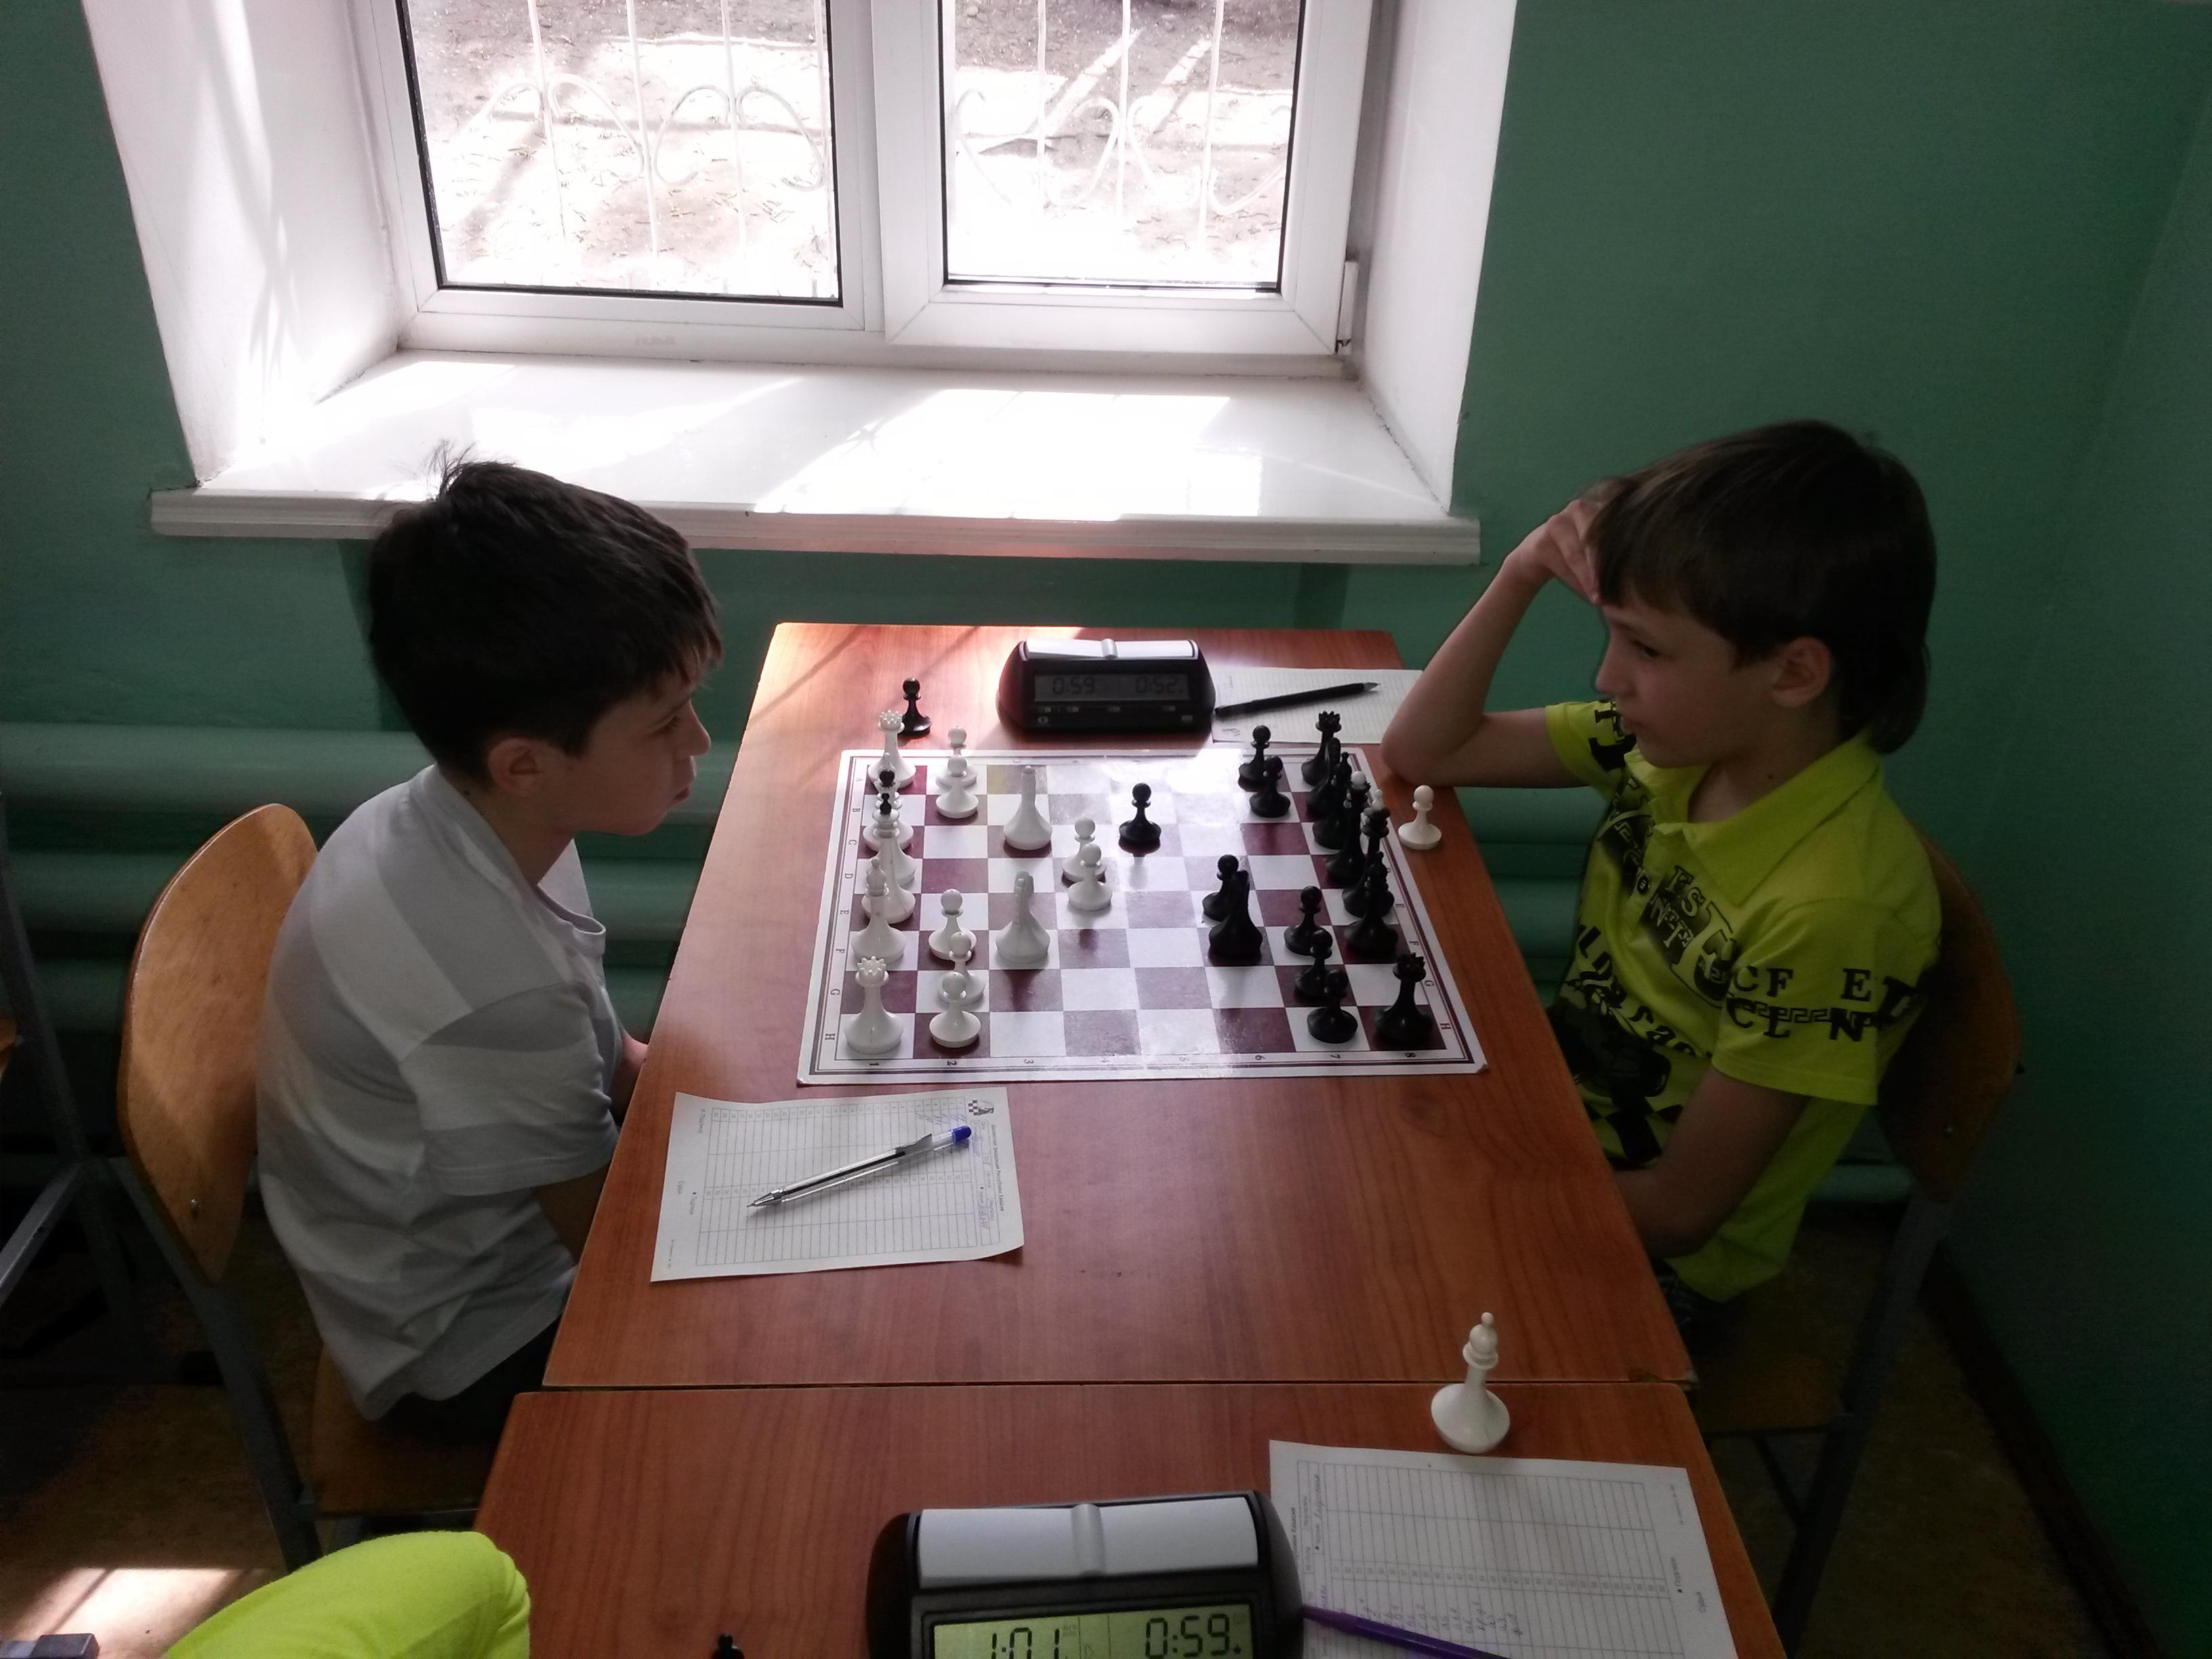 Данил Гунькин(слева) обыгрывает Артёма Завьялова и выходит на вторую позицию.